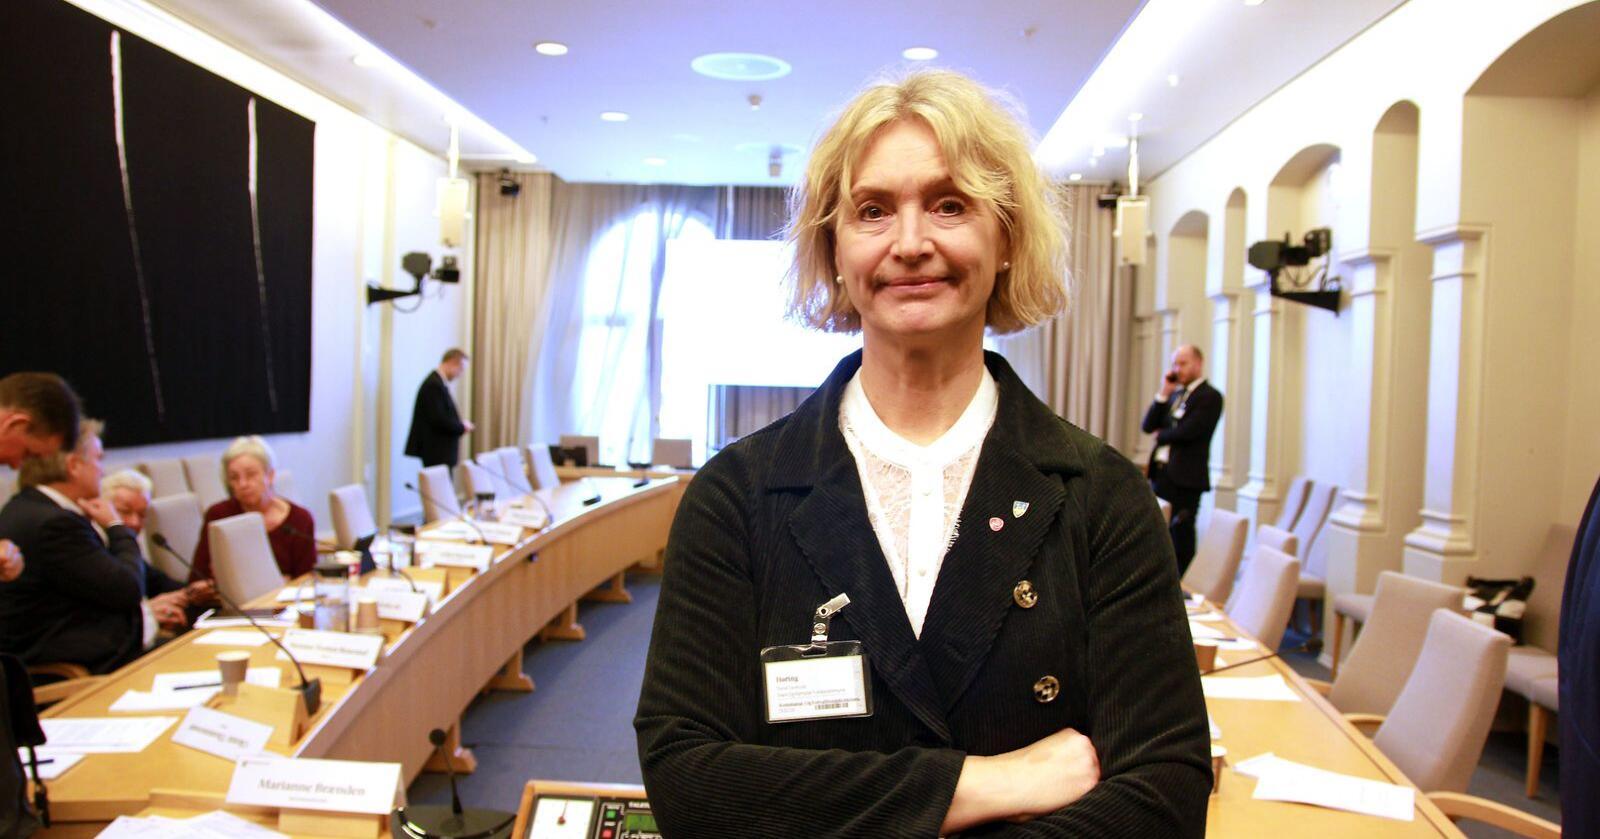 Tove-Lise Torve, fylkesordførar Møre og Romsdal, er ikkje nøgd med tilbodet frå departementet. Foto: Anne Sigrid Hundere / NPK